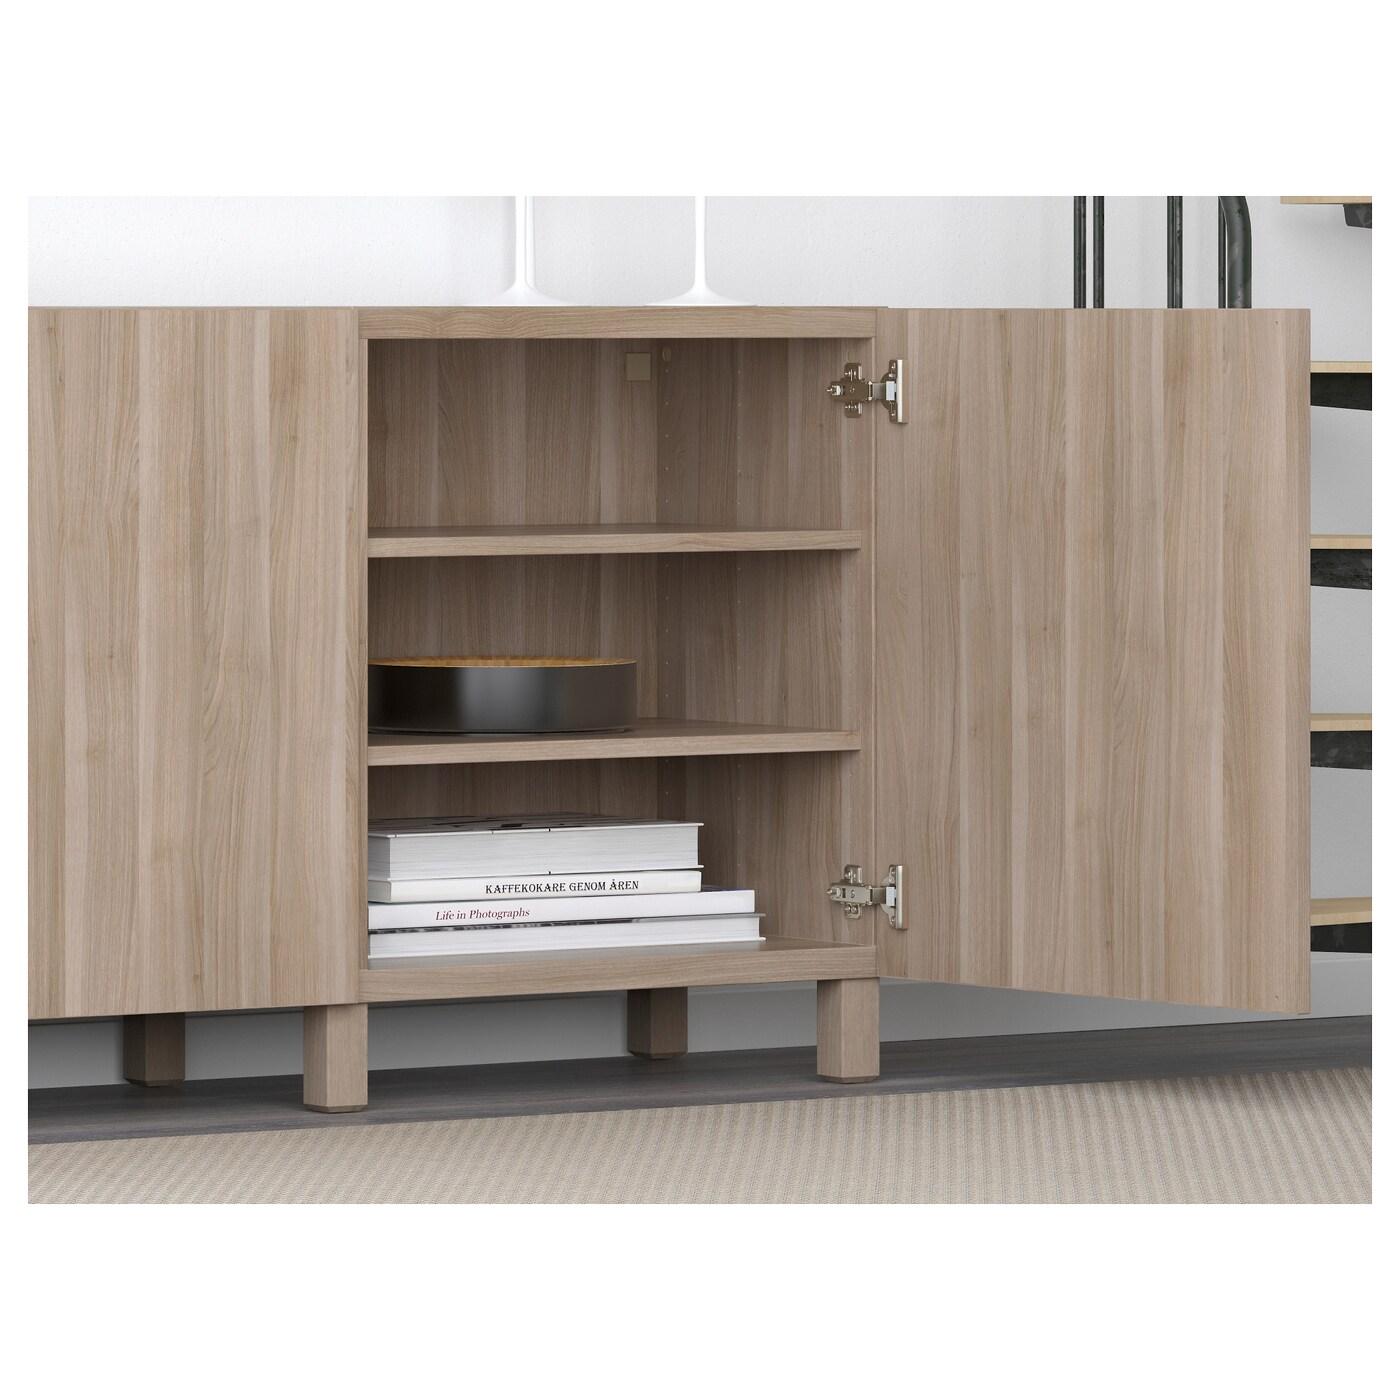 best combinaison rangement portes lappviken motif noyer teint gris 180x40x74 cm ikea. Black Bedroom Furniture Sets. Home Design Ideas